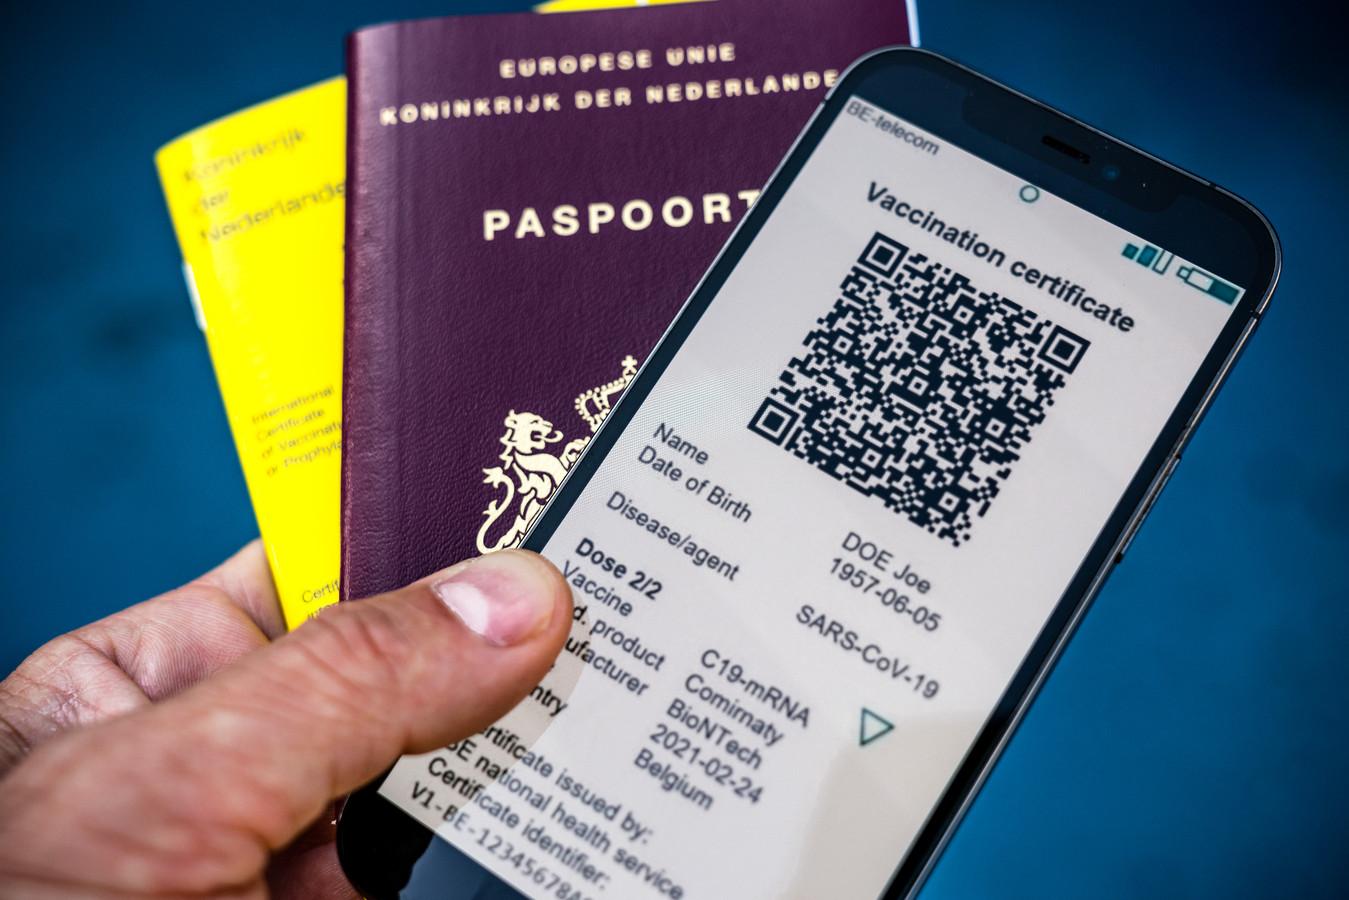 Een telefoon met de app CoronaCheck van de Rijksoverheid. Via de app kunnen reizigers een QR-code genereren die als vaccinatie- of testbewijs dient bij reizen naar het buitenland.